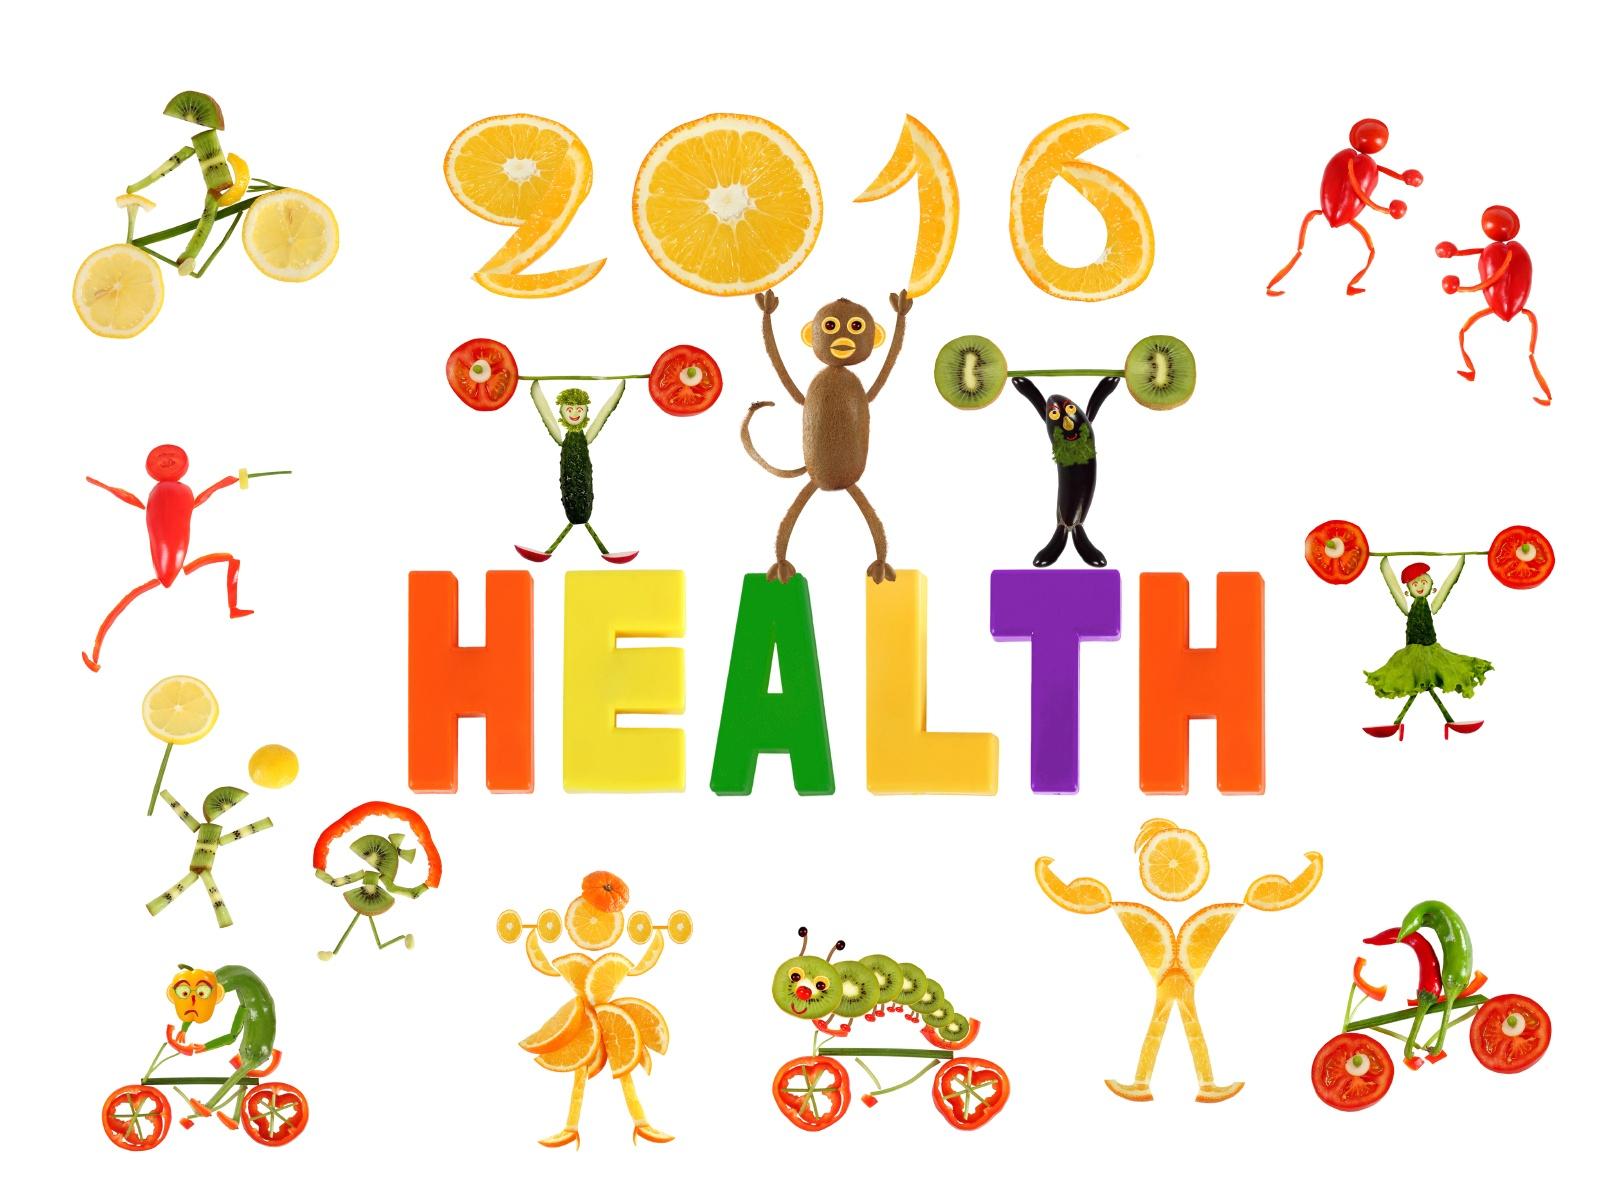 Healthy_Eating_Image.jpg